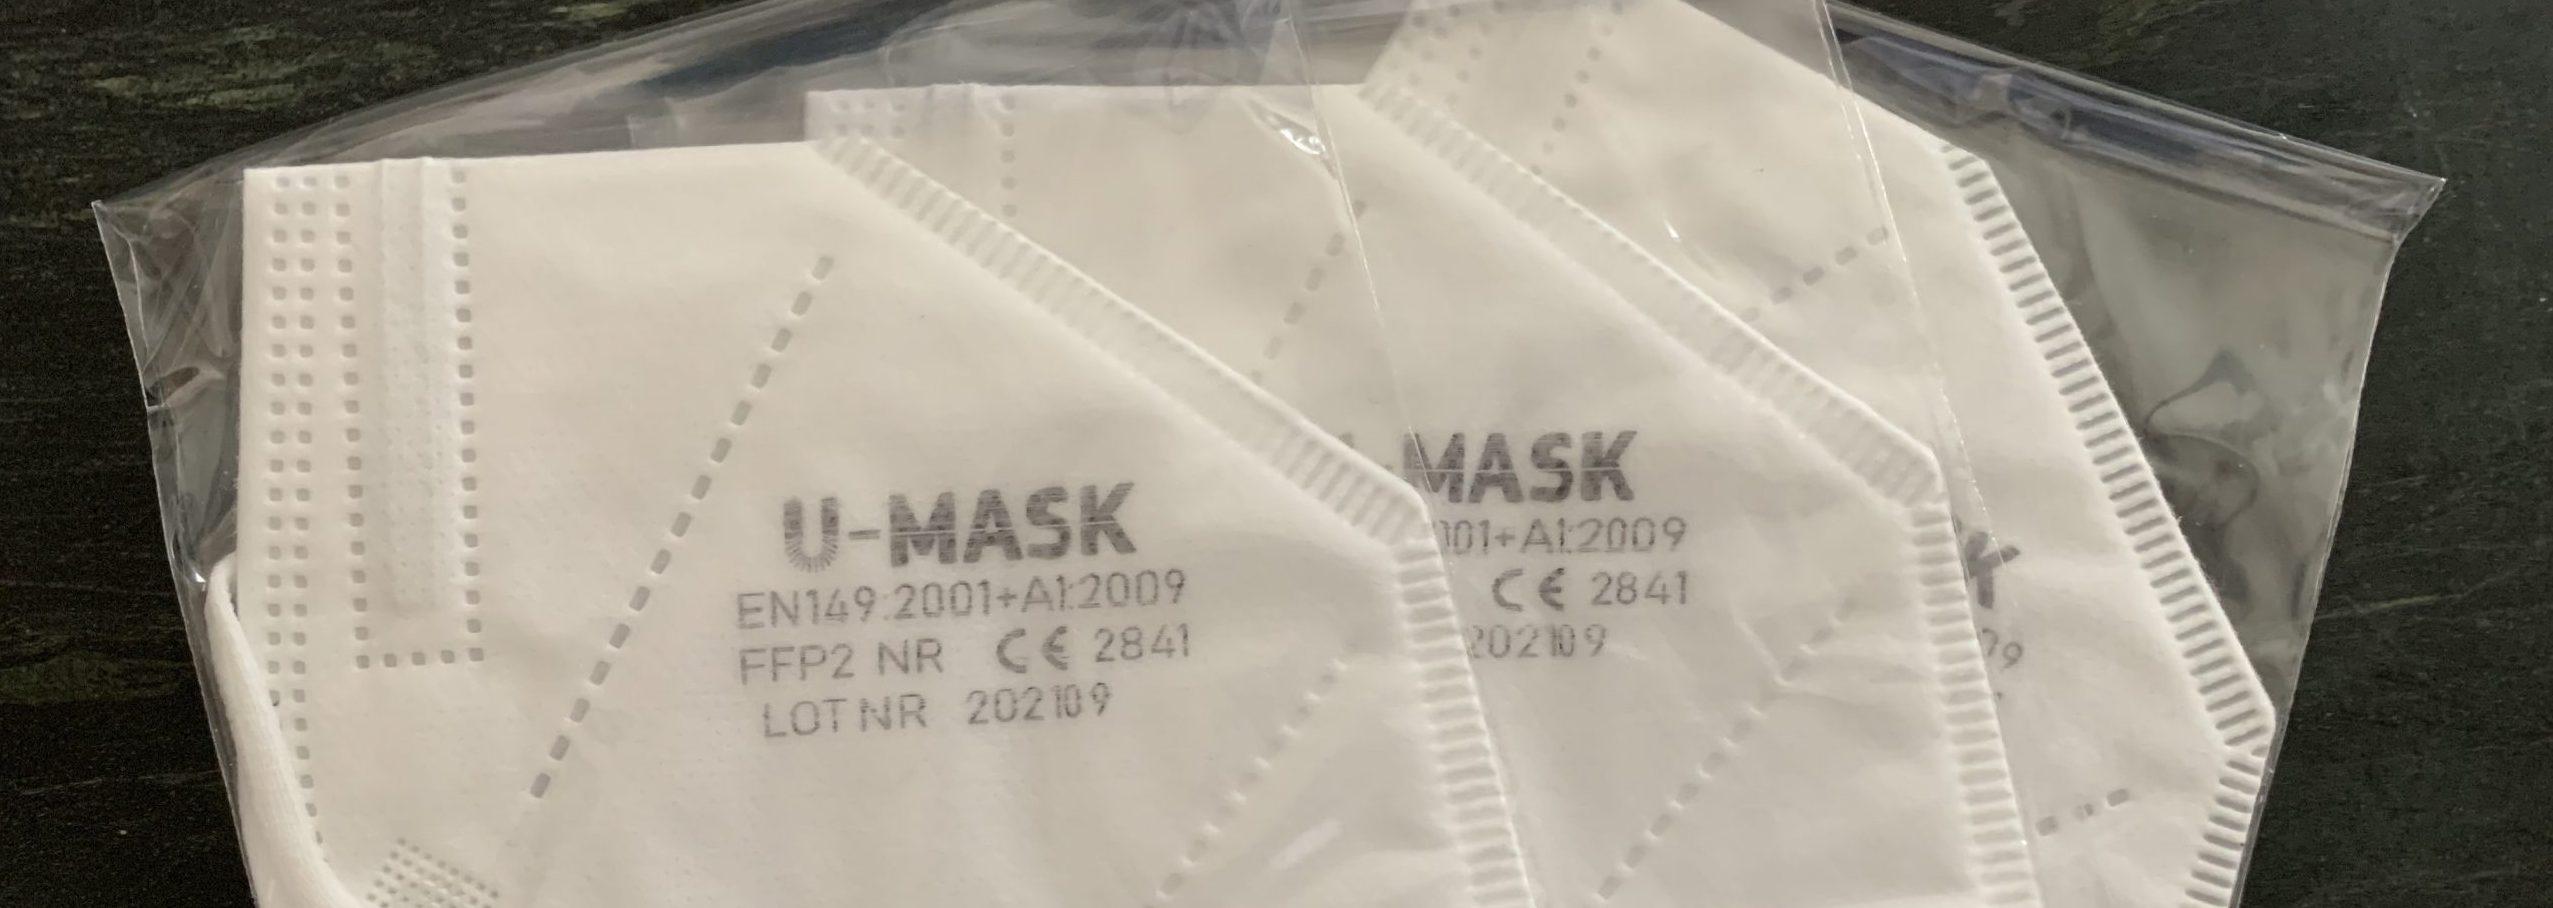 Certifikované FFP2 respirátory – U Mask – od 0,29€/kus